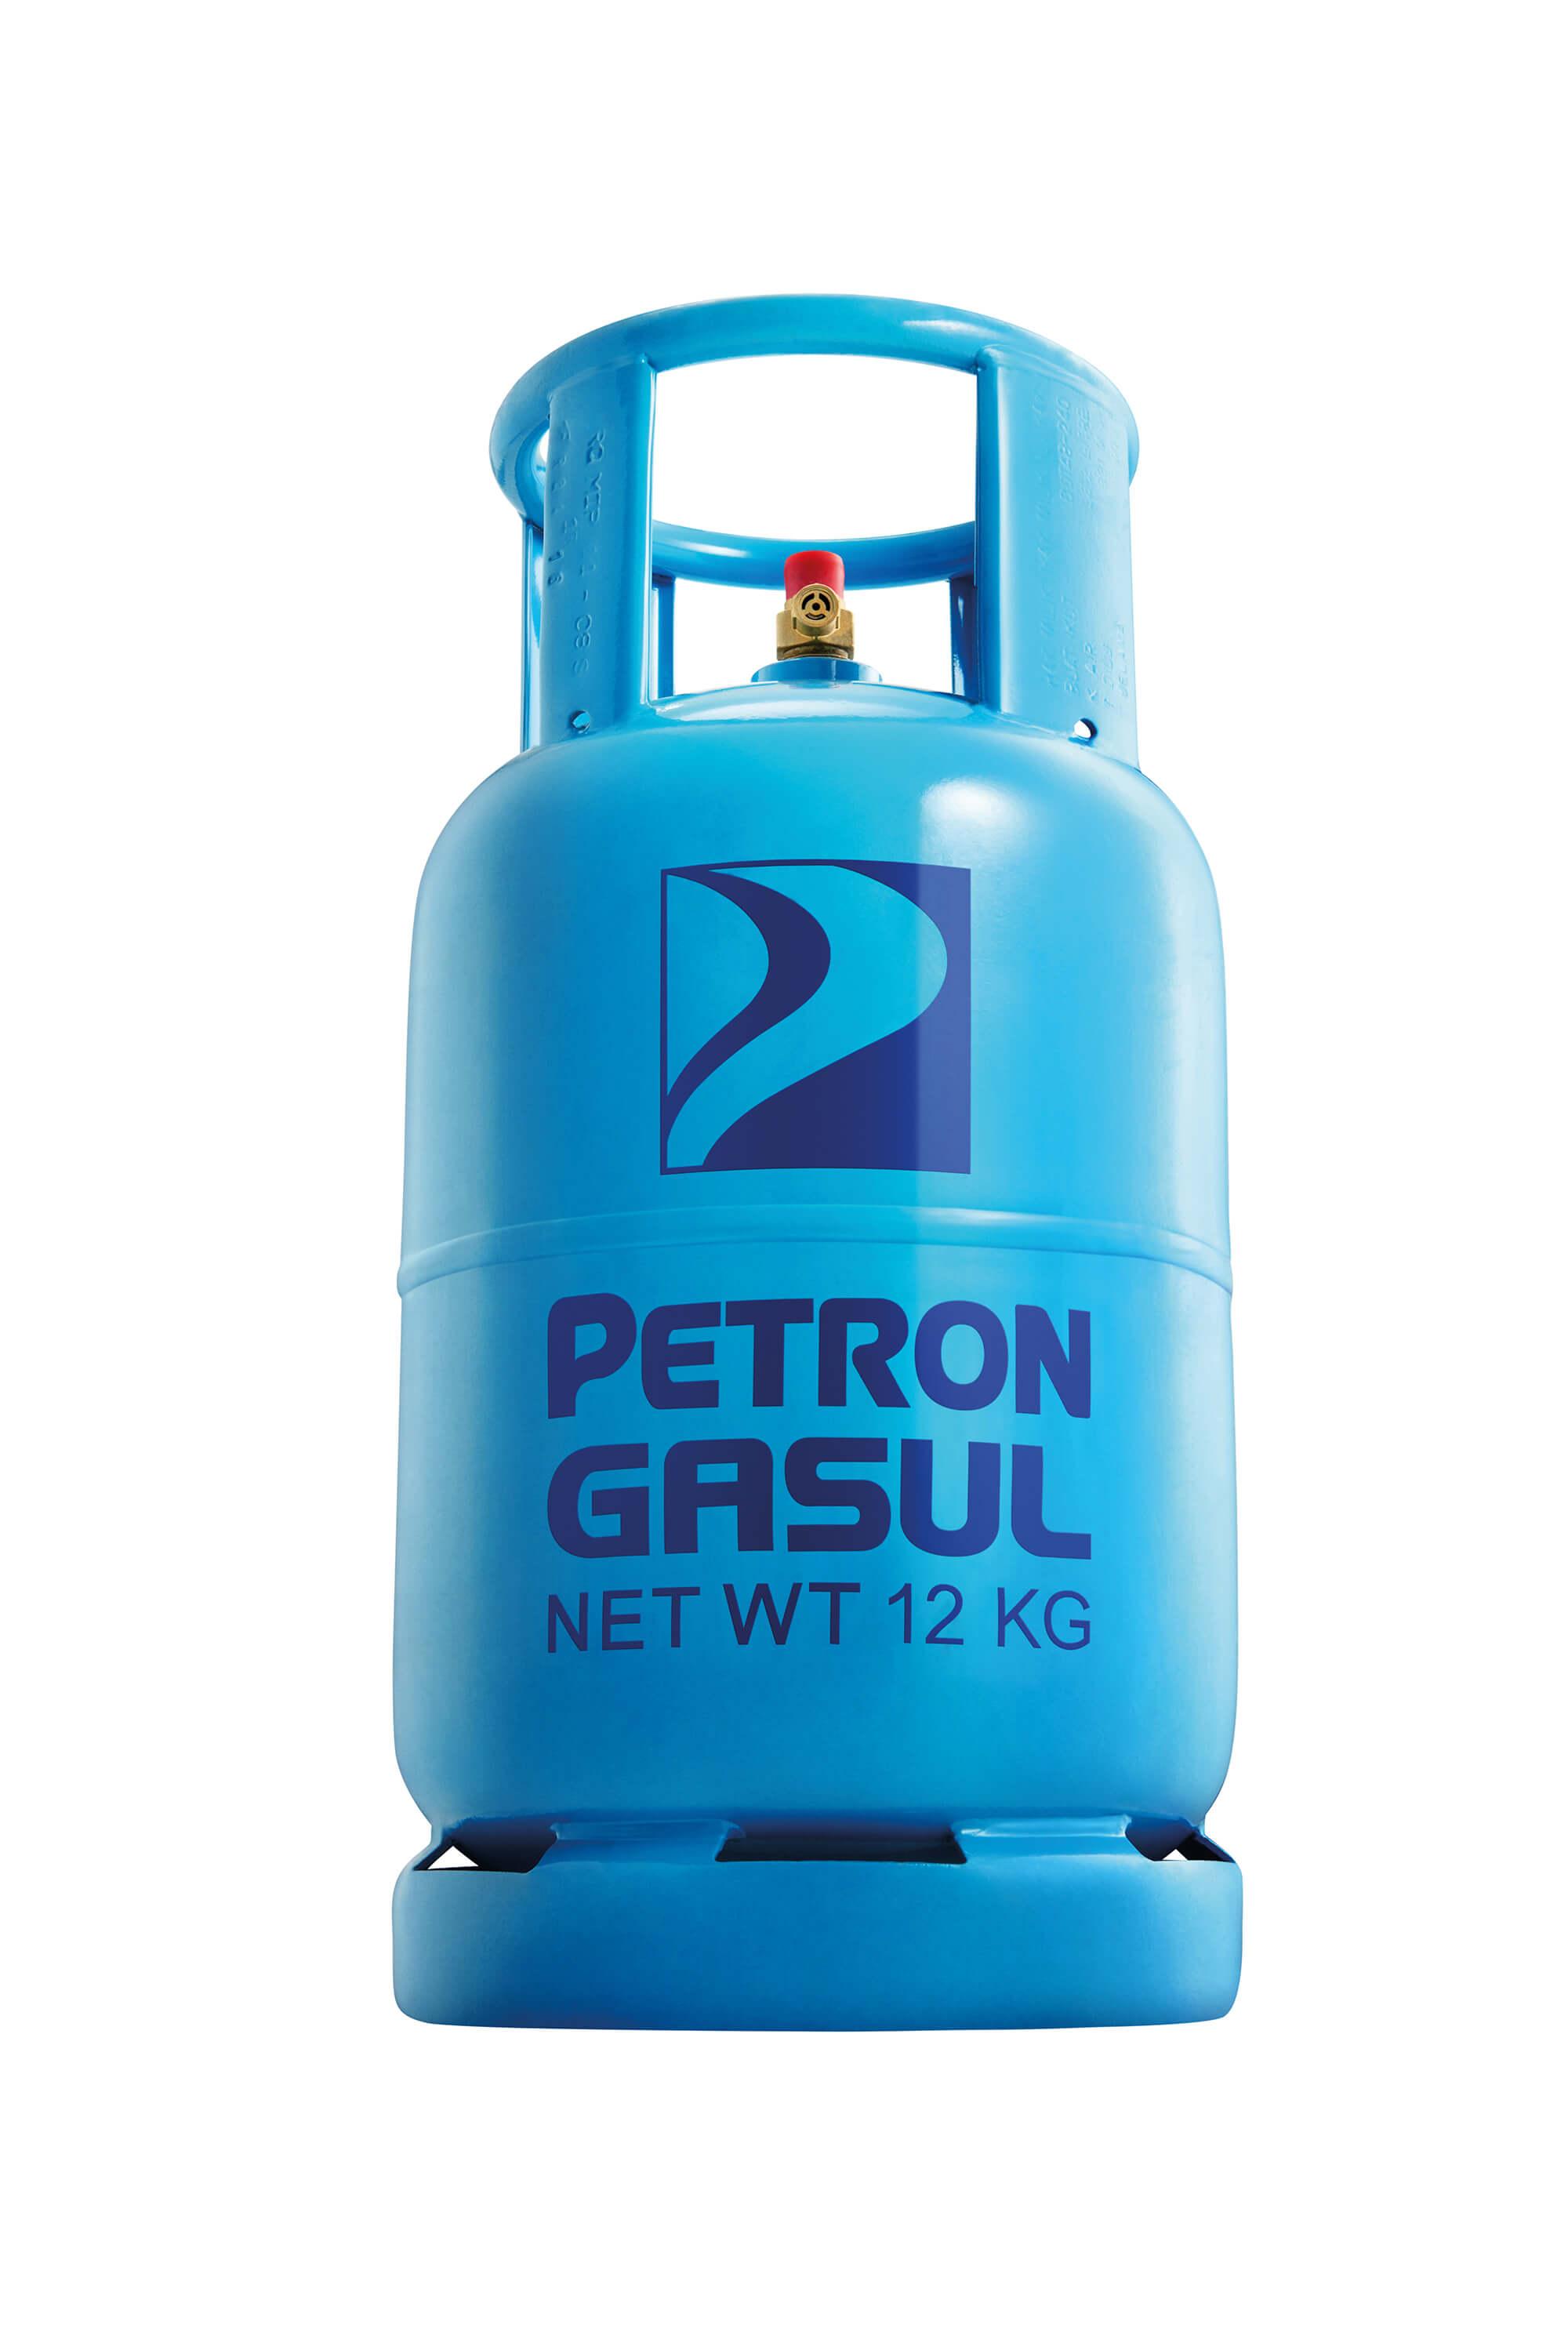 Petron Gasul 12kg